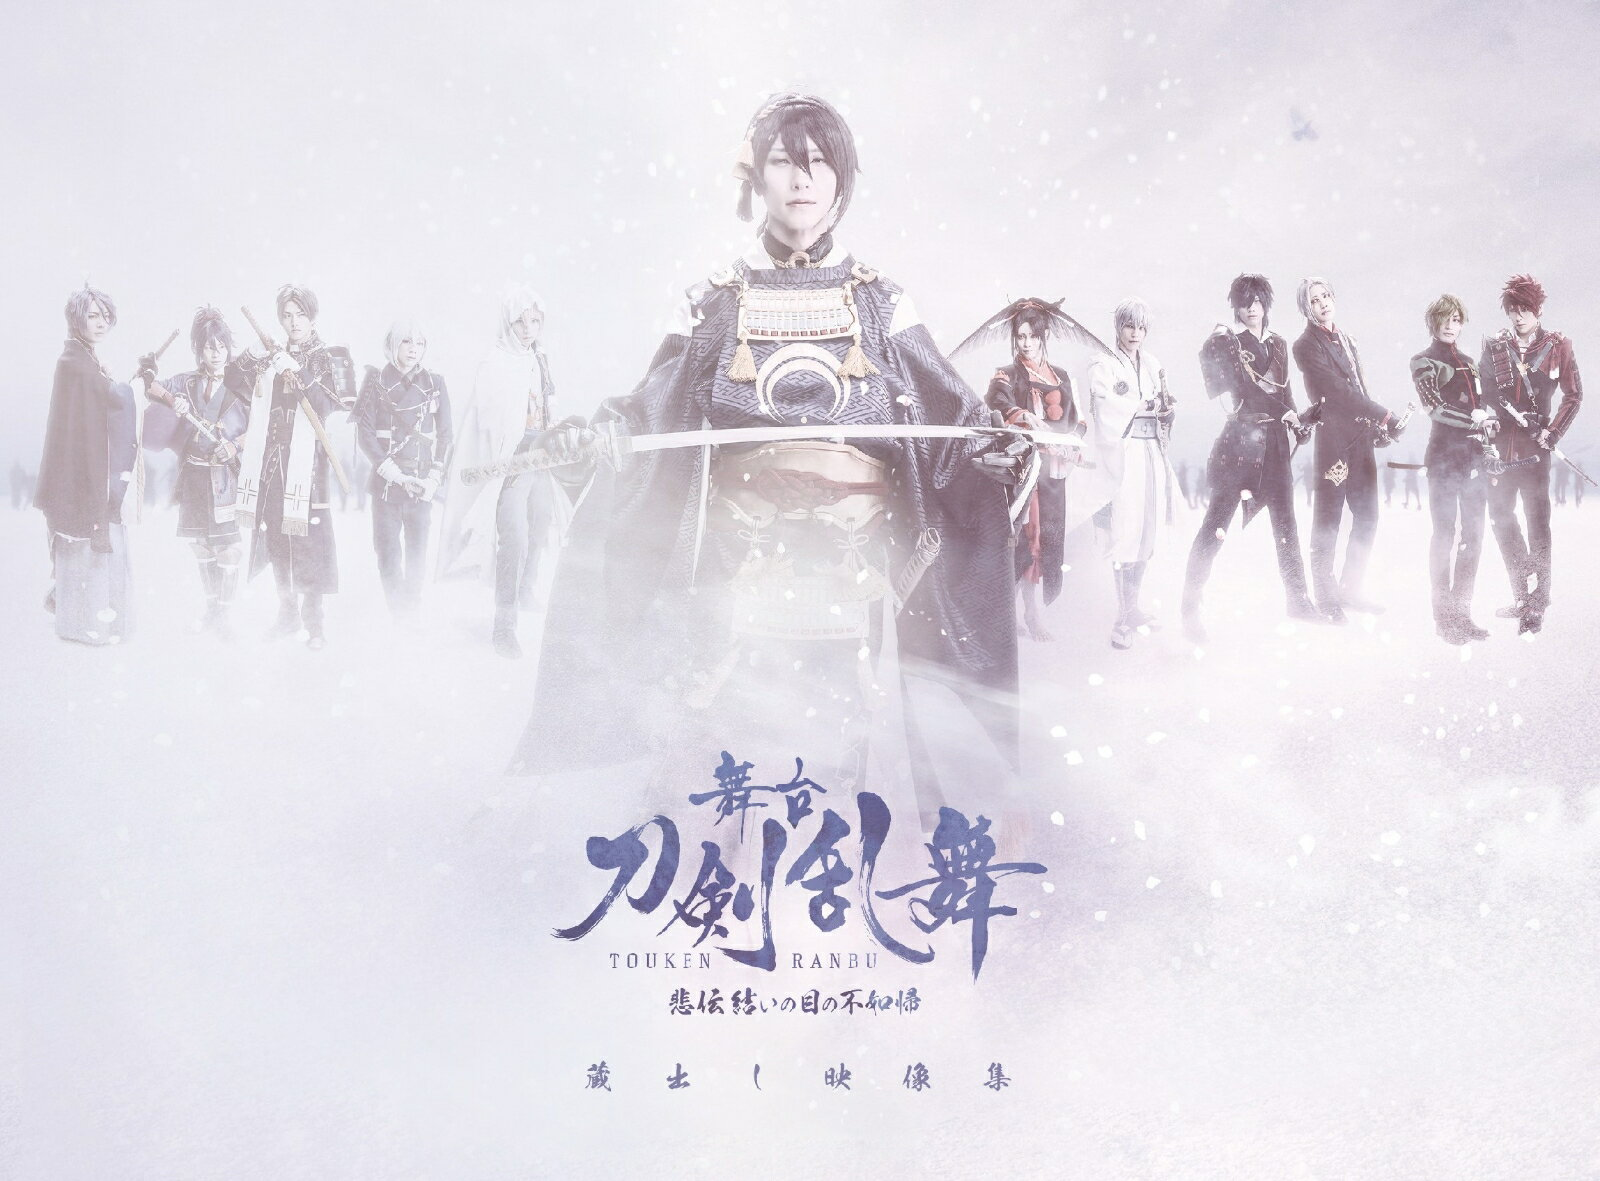 舞台『刀剣乱舞』蔵出し映像集 -悲伝 結いの目の不如帰 篇ー【Blu-ray】